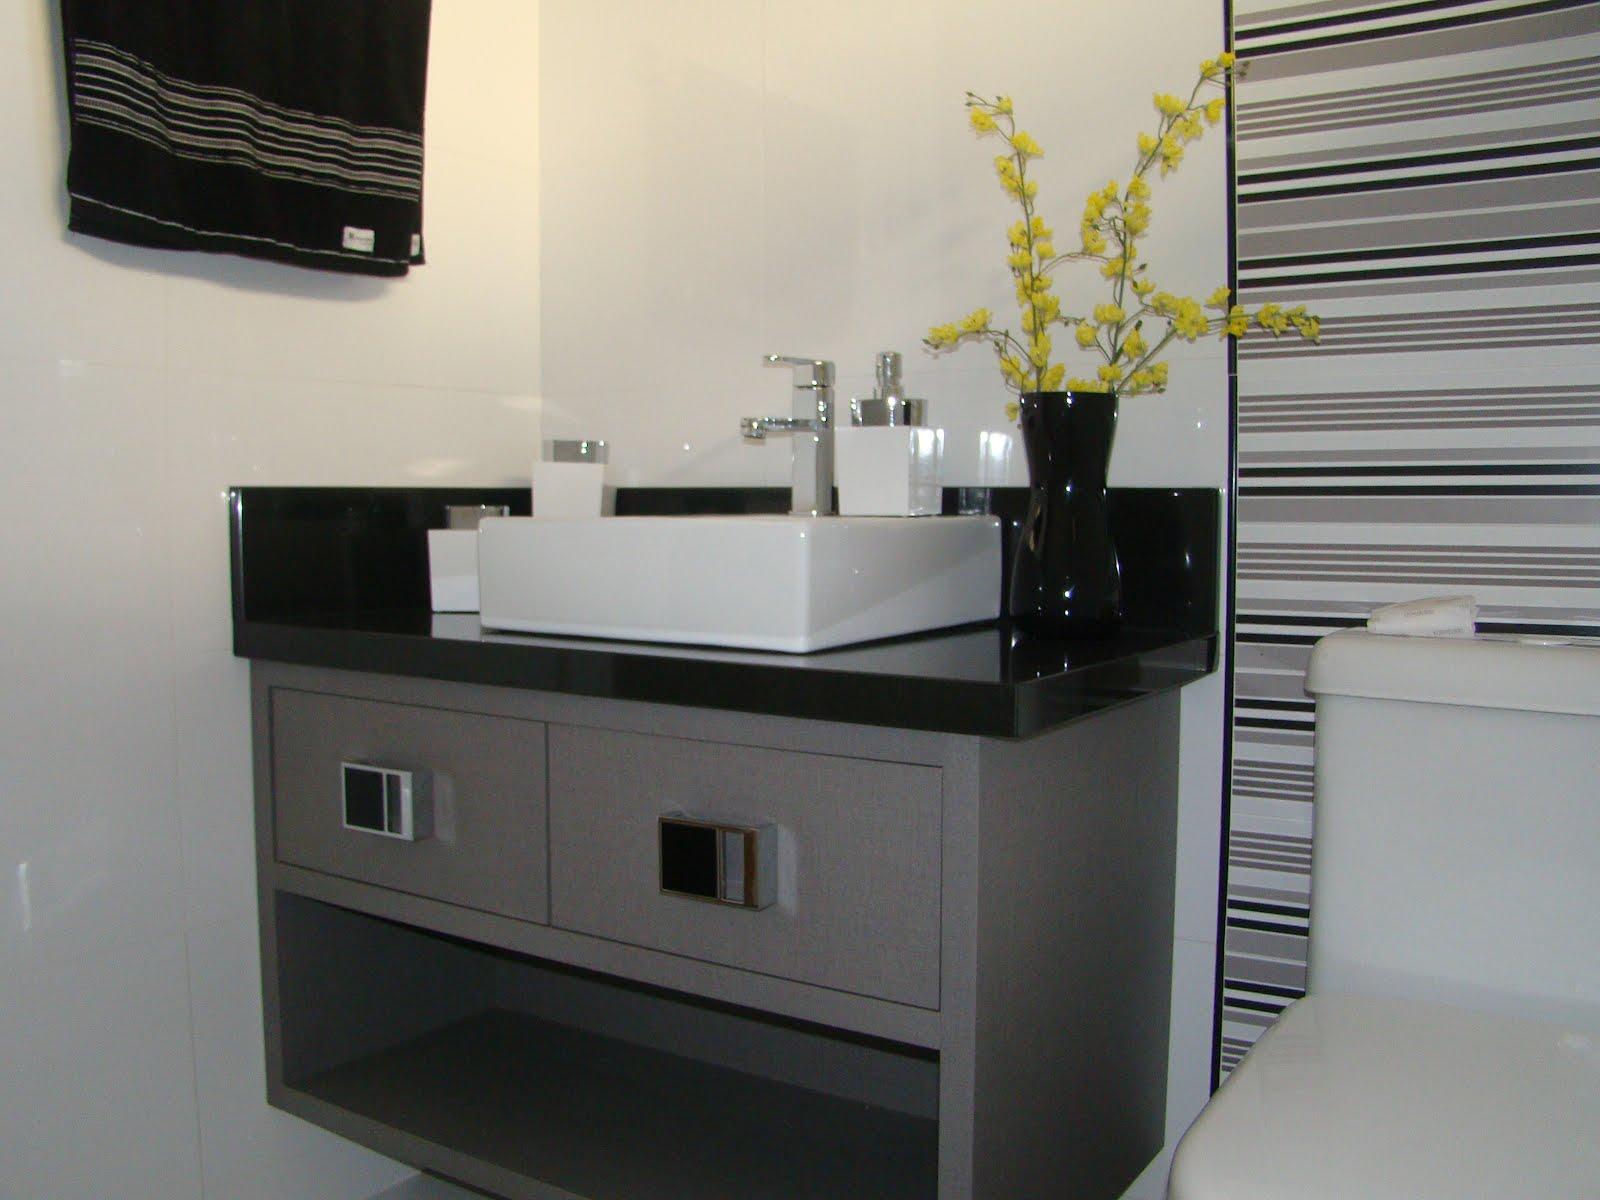 Silvano Moveis: Banheiro quarto visitas #787143 1600x1200 Balcao Banheiro Suite